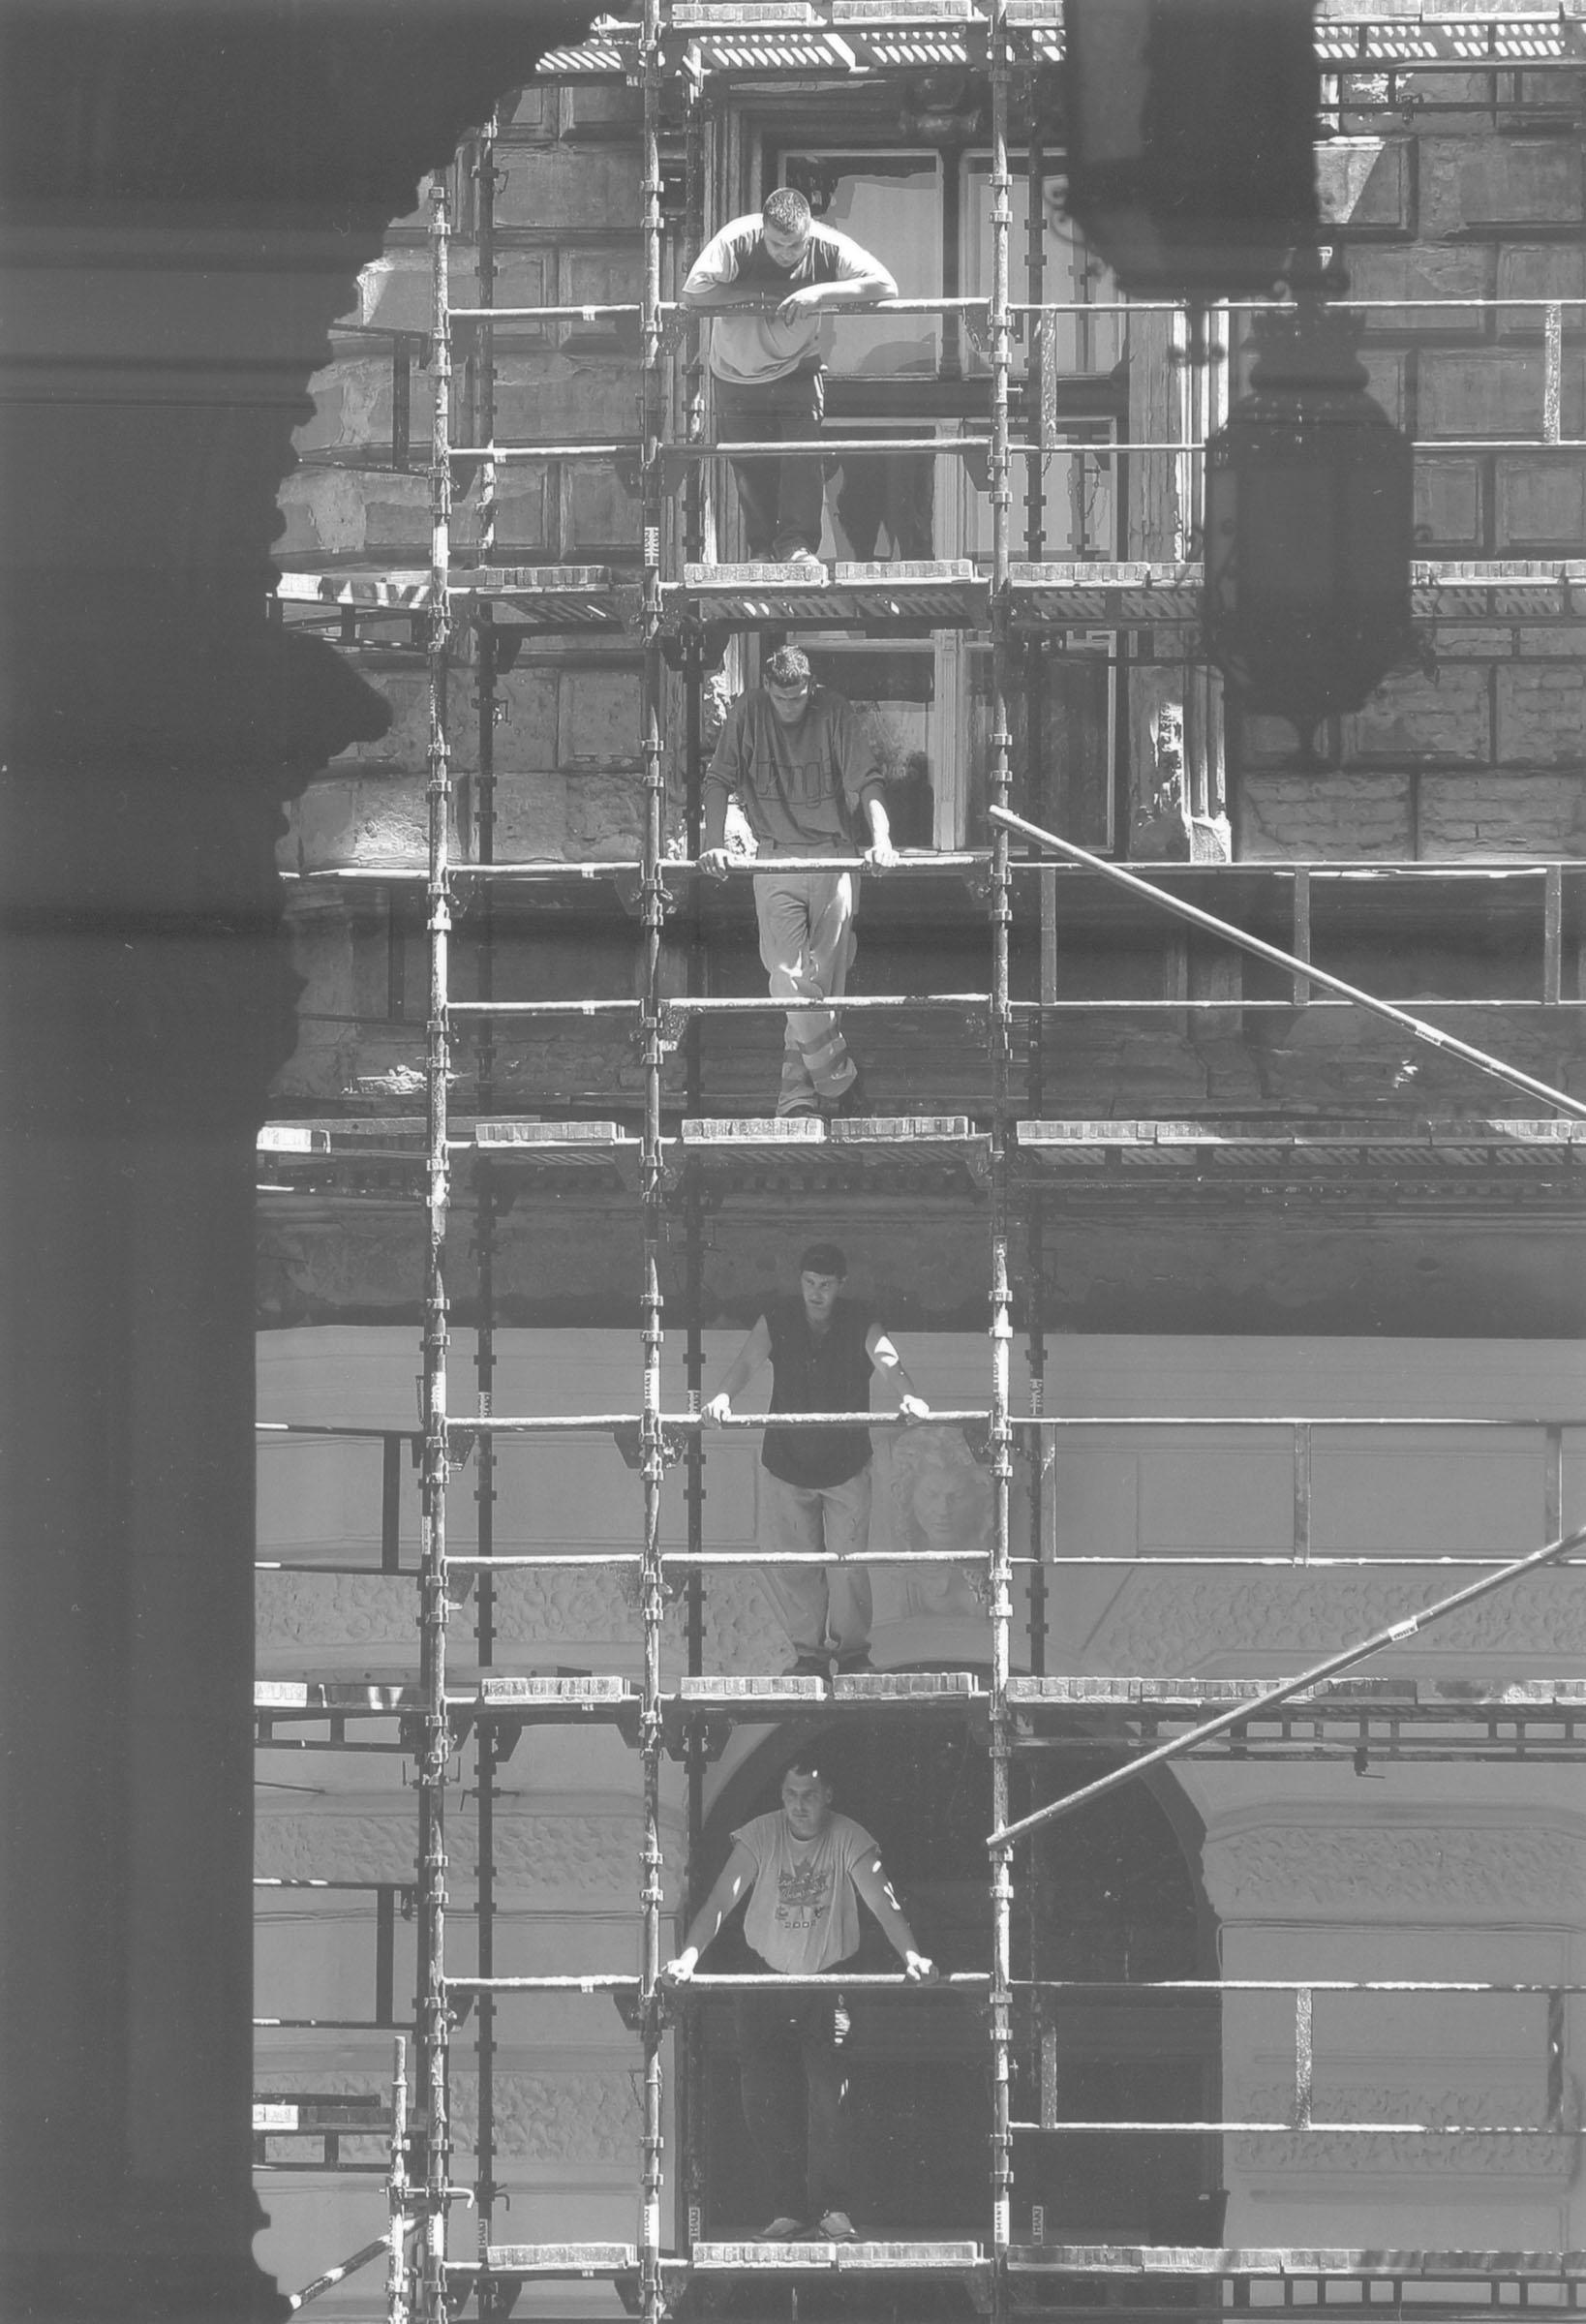 2004.09.18. Hétköznapok fotópályázat - Nyulászi Zsolt - Munka dandárja.jpg